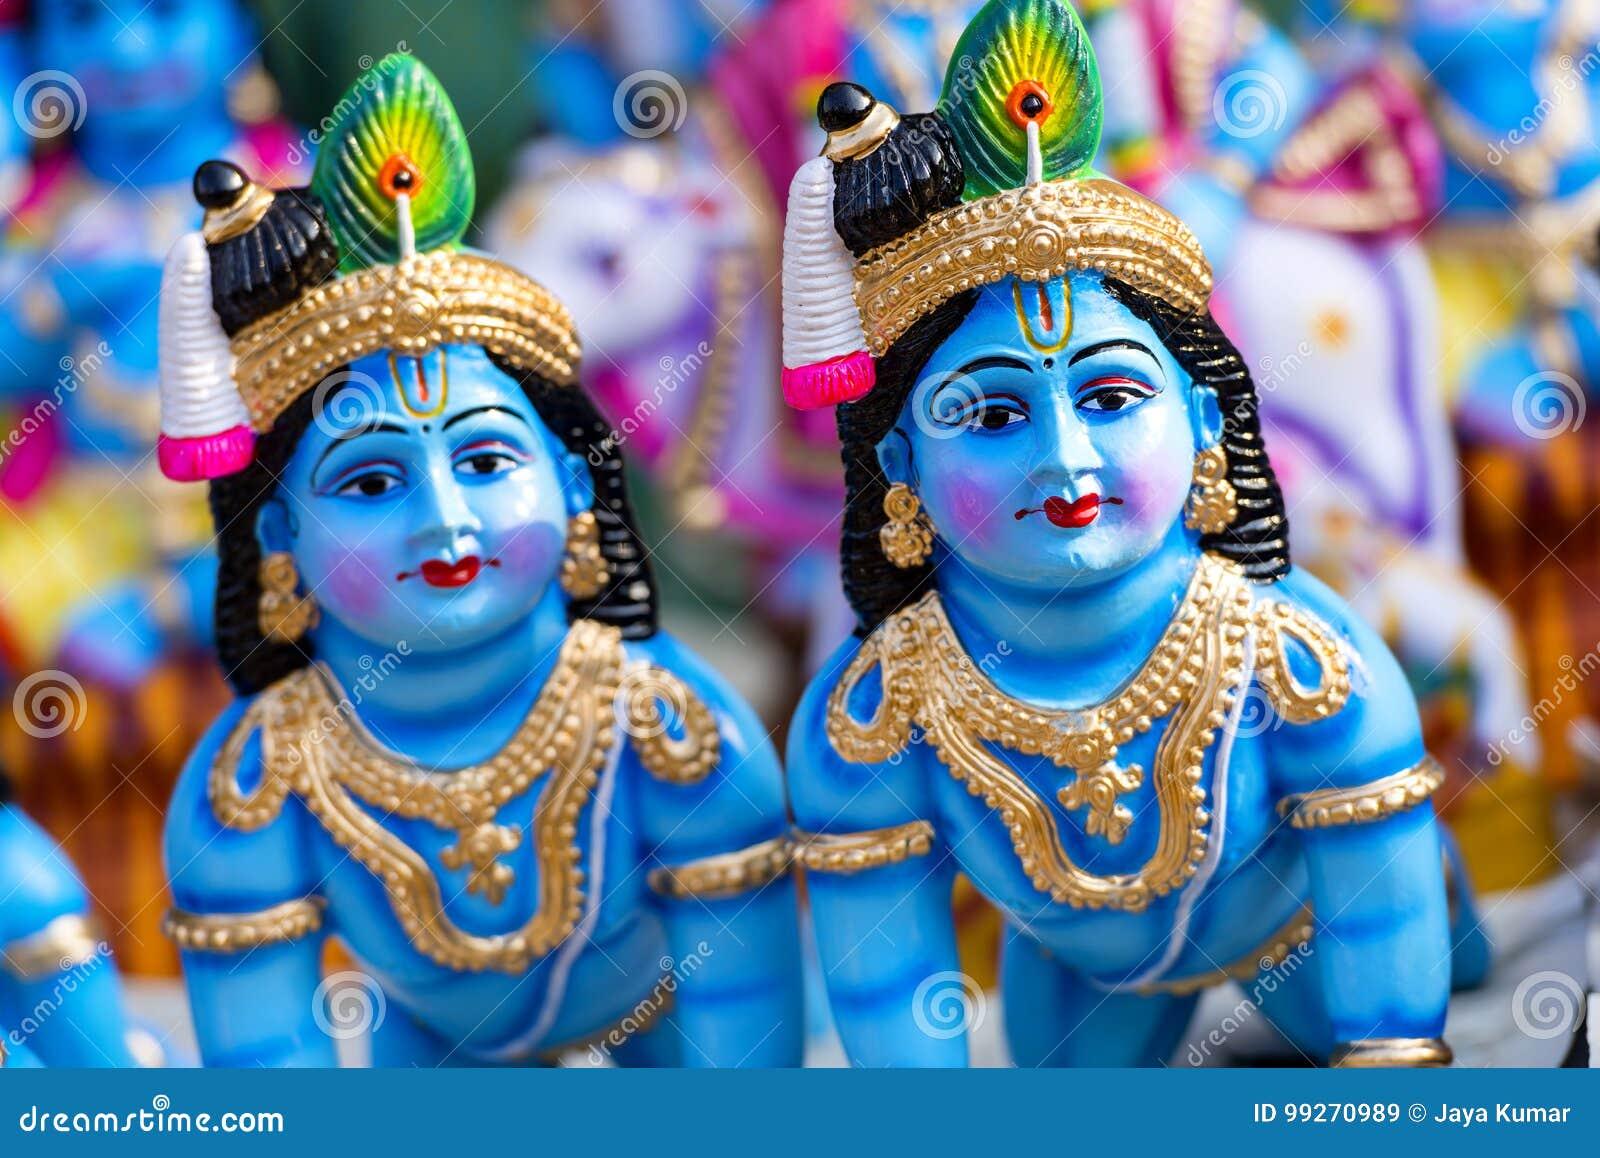 Hindu God Krishna stock image  Image of carving, religion - 99270989